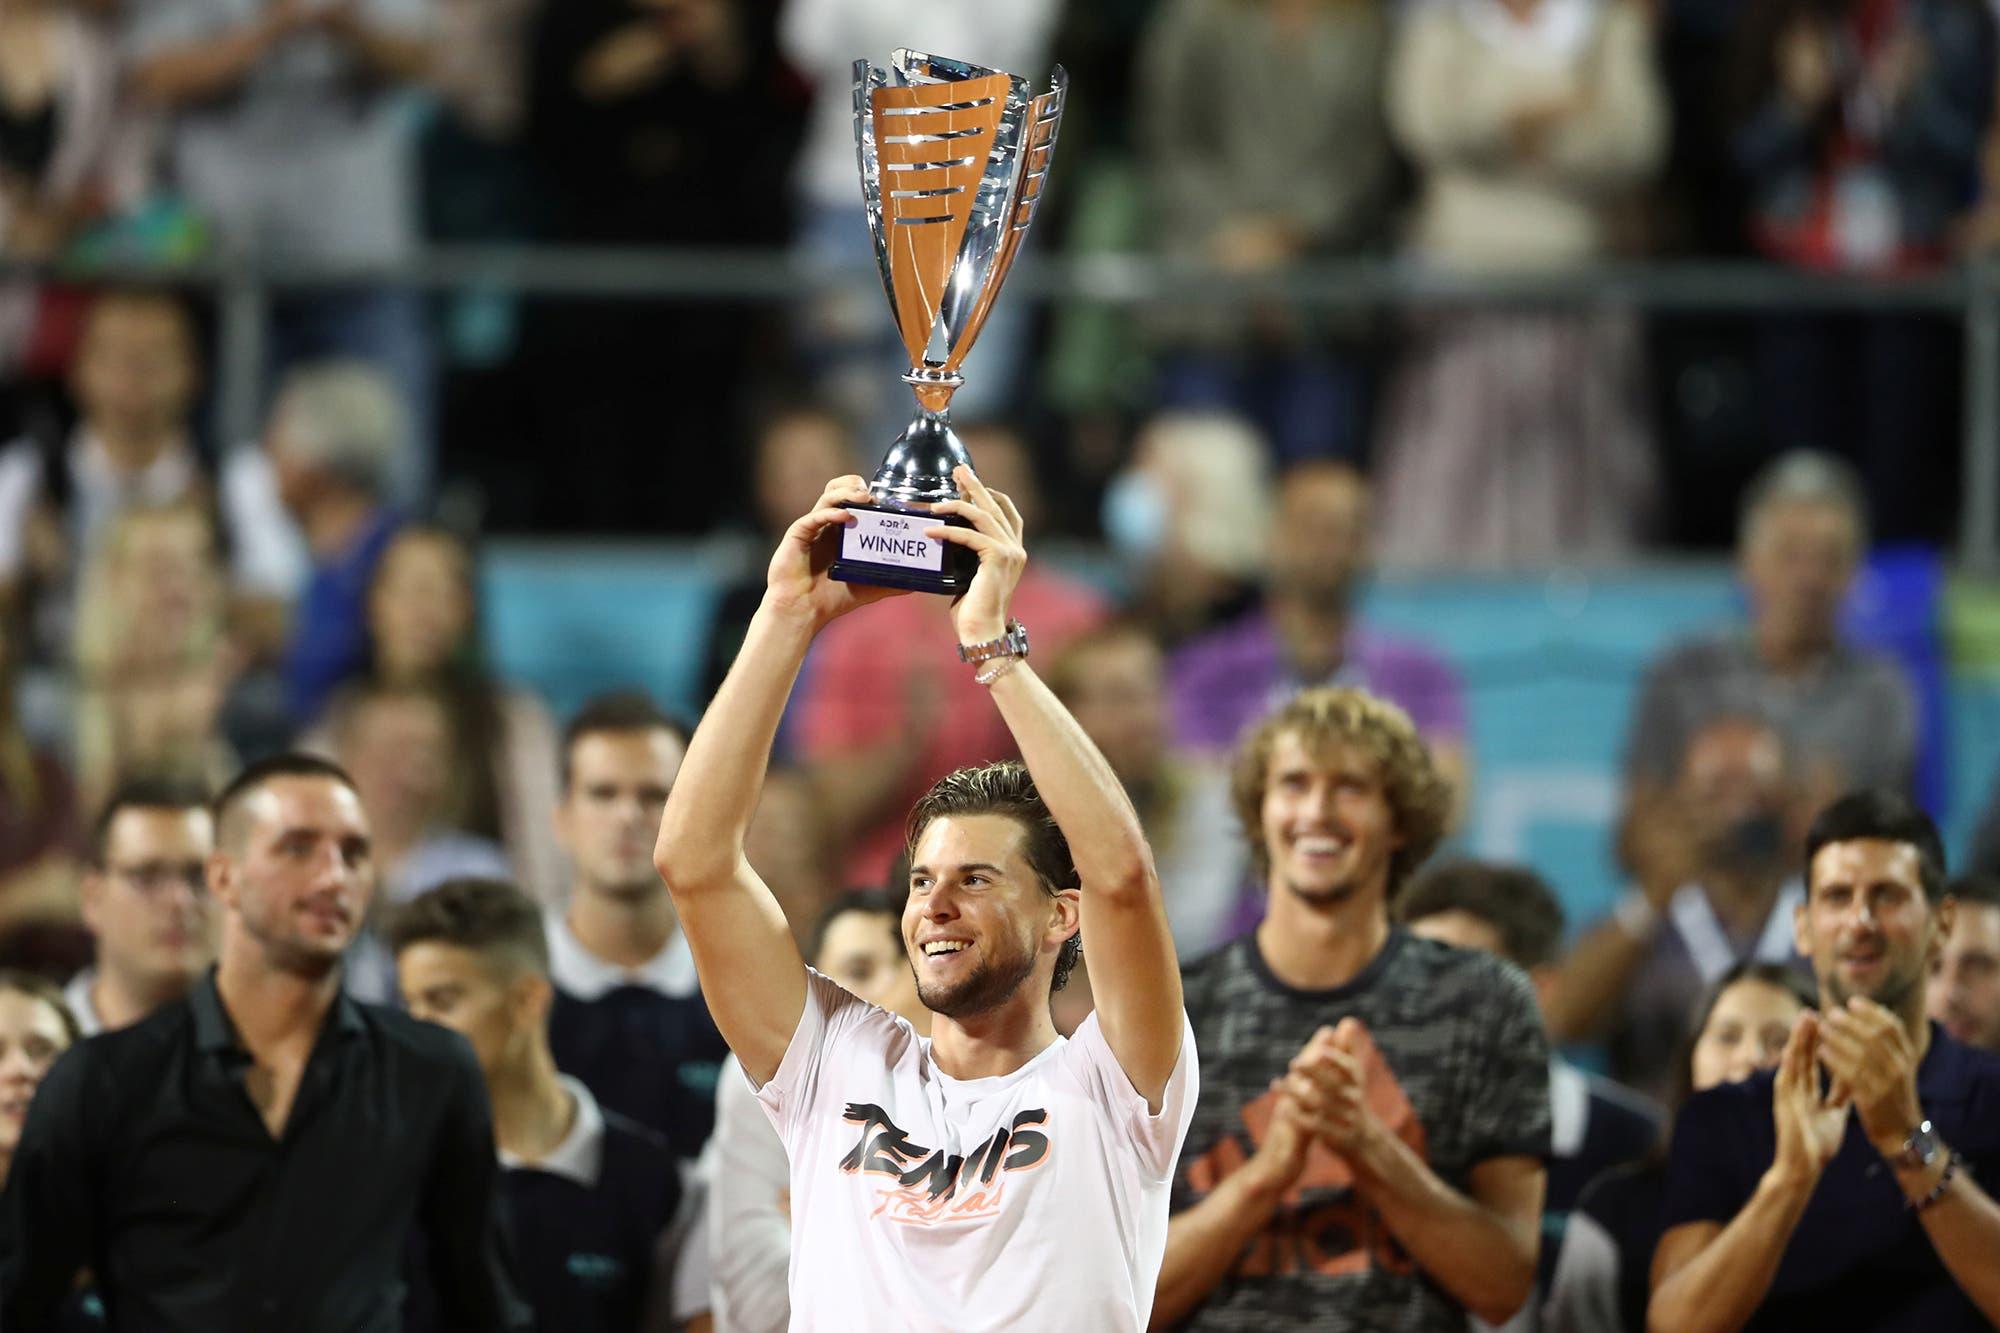 Tenis: la 'Gran Willy' ganadora de Thiem, el campeón, y las lágrimas de Novak Djokovic